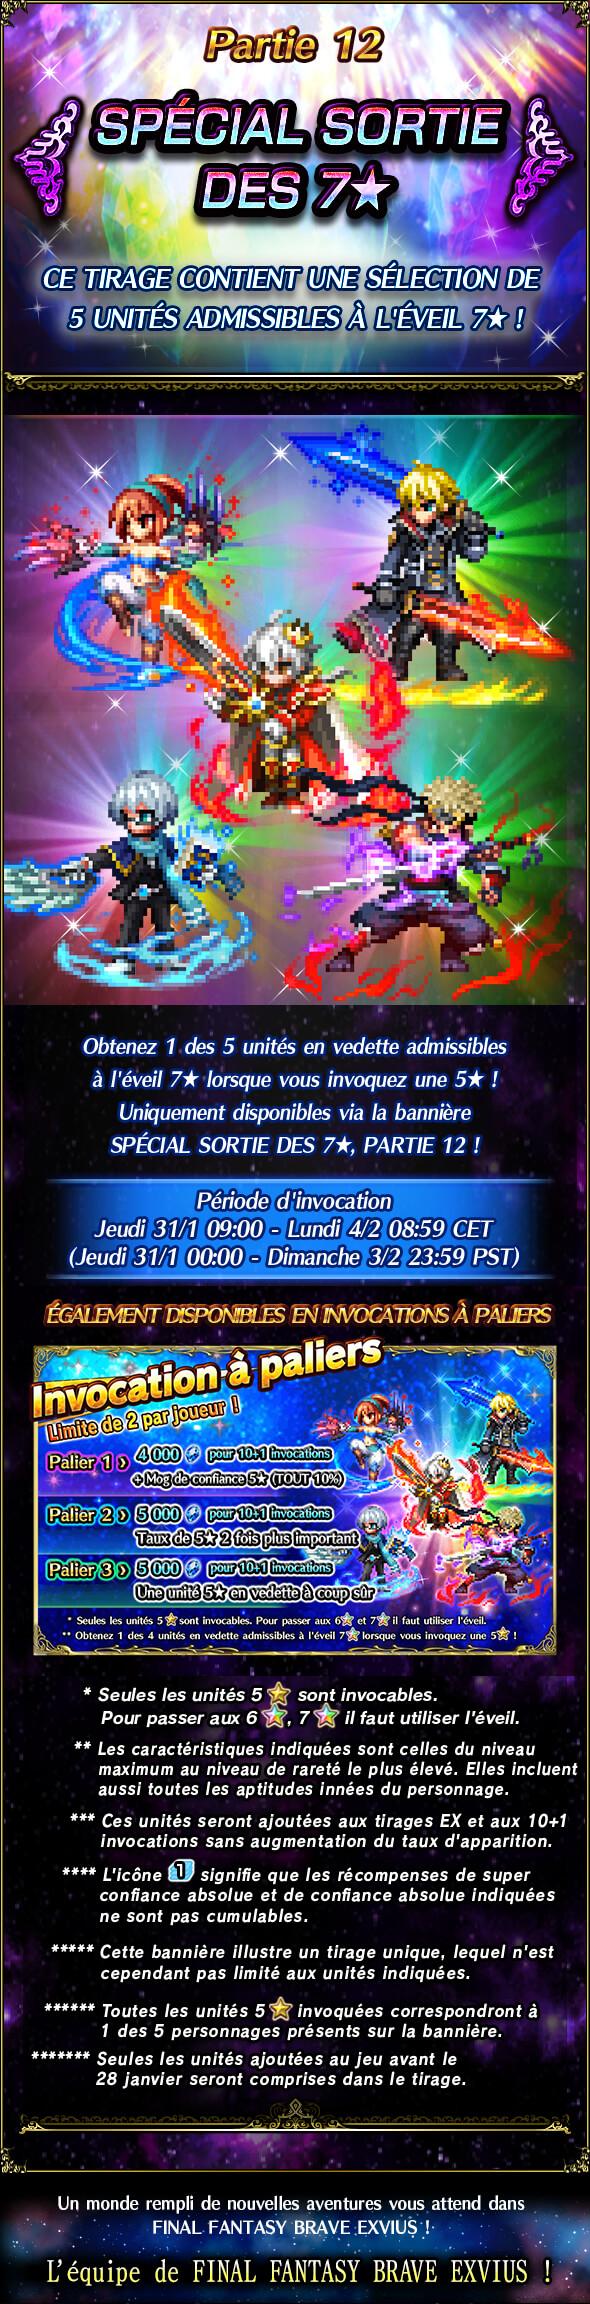 Invocations du moment - FFBE - Speciales sortie des 7* (lot 6) - du 28/01 au 04/02/19 7StarGachaPart12